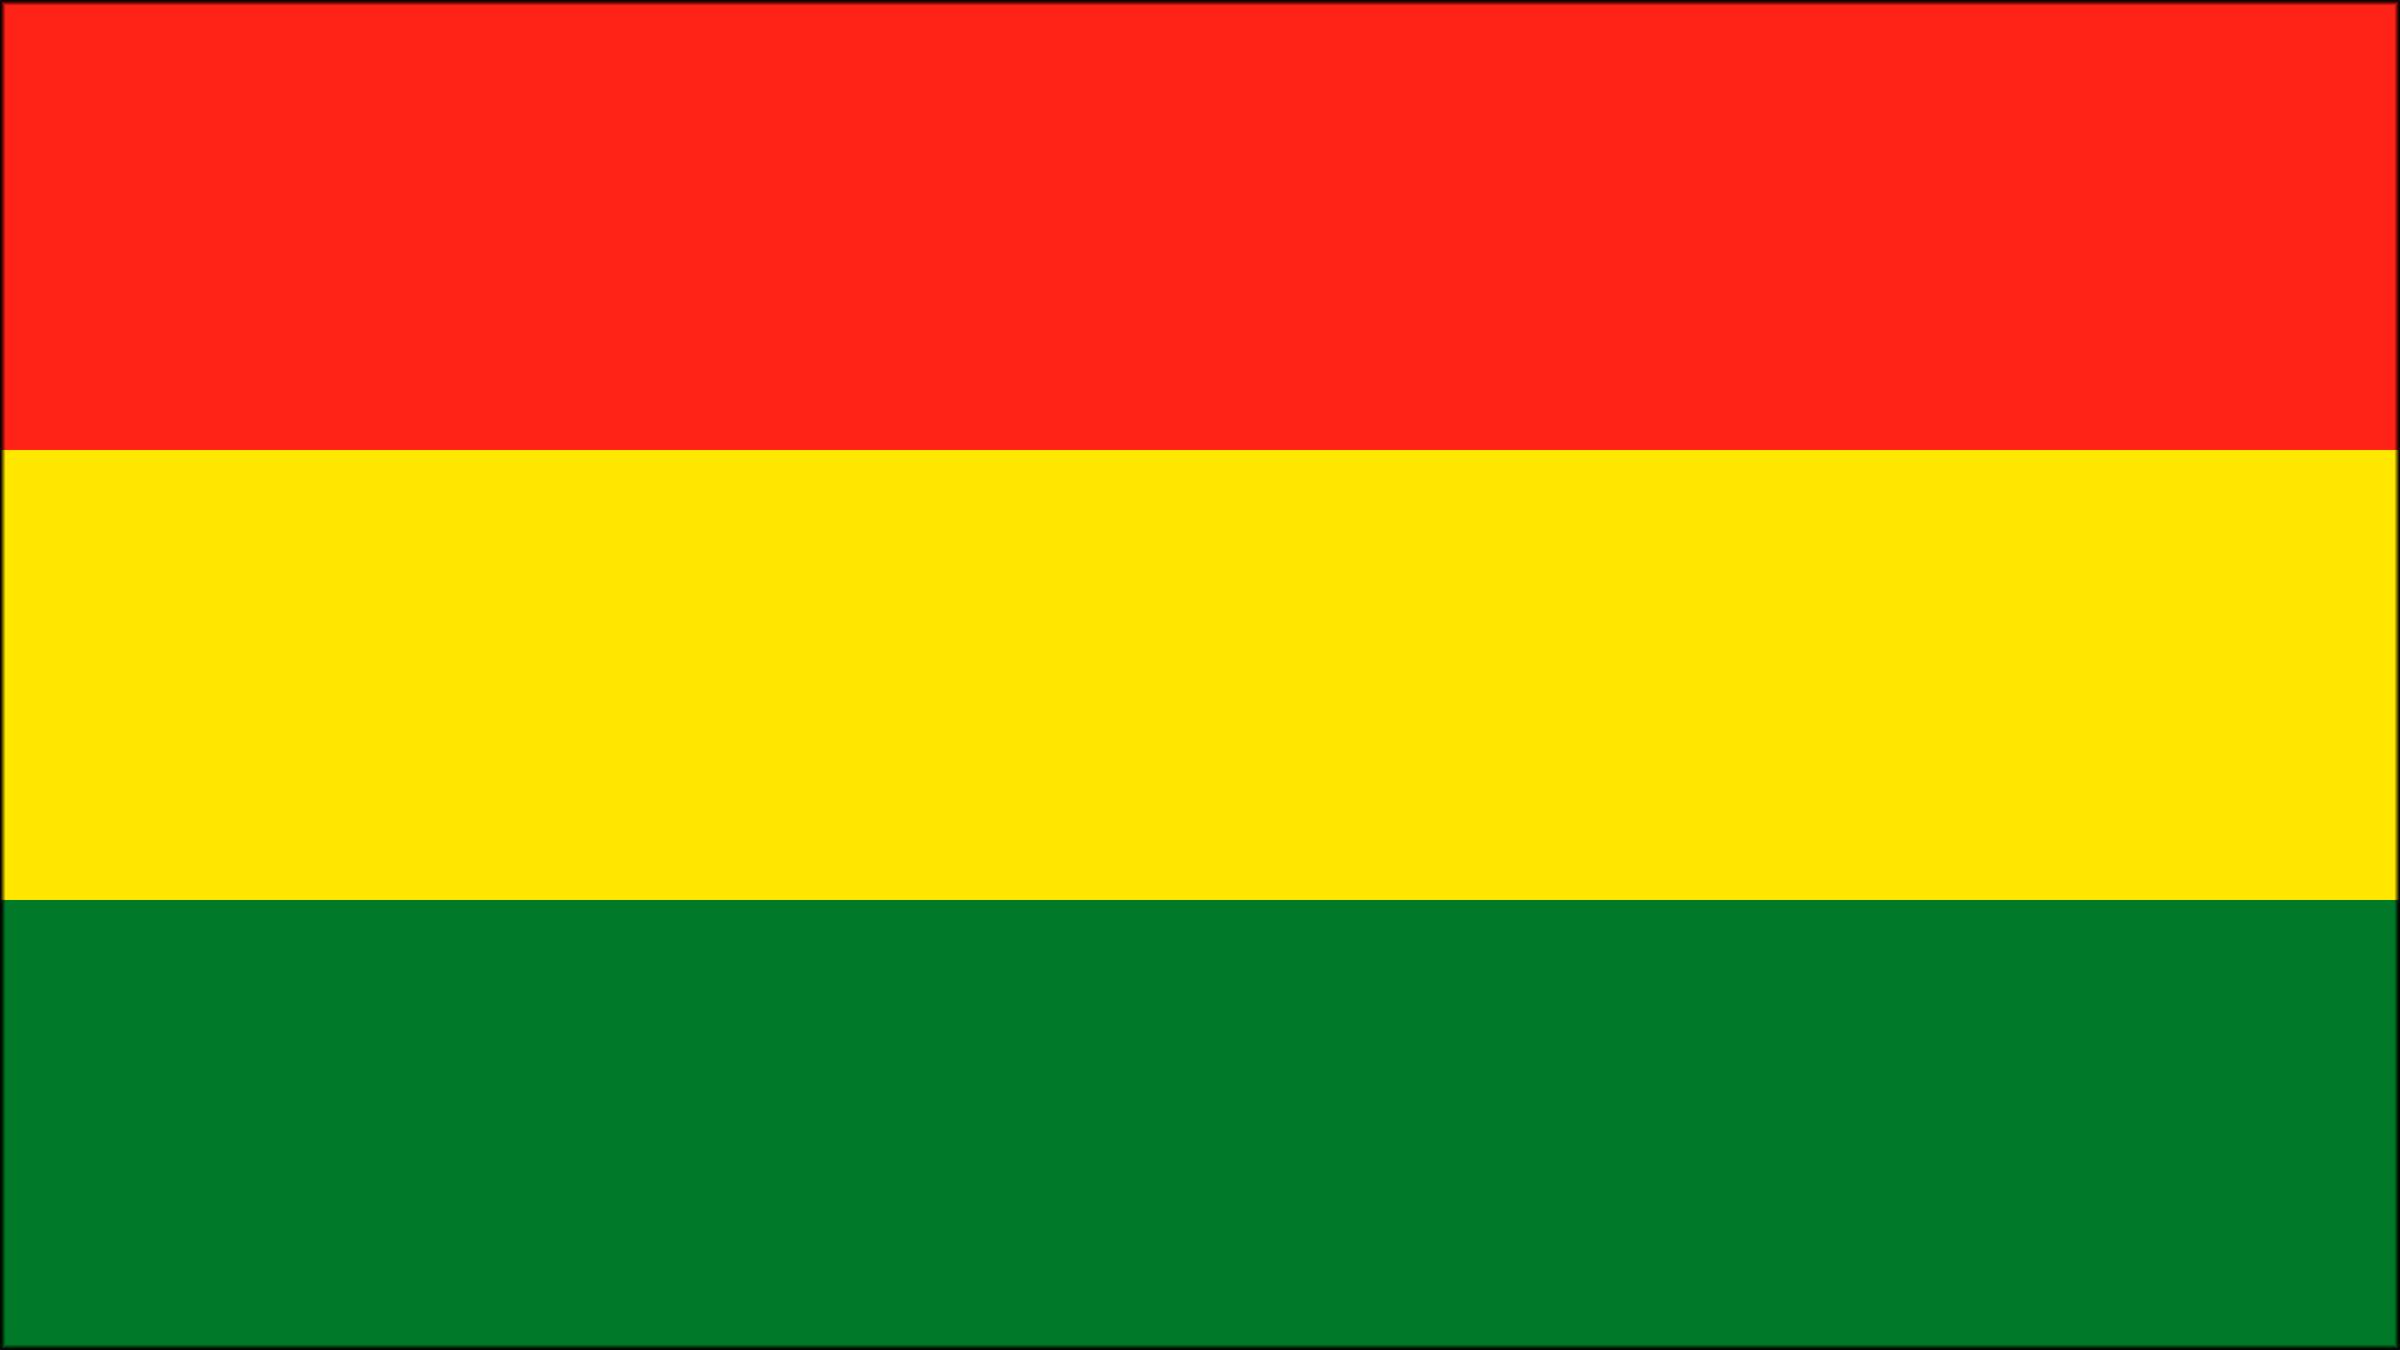 El Significado De La Bandera De Bolivia